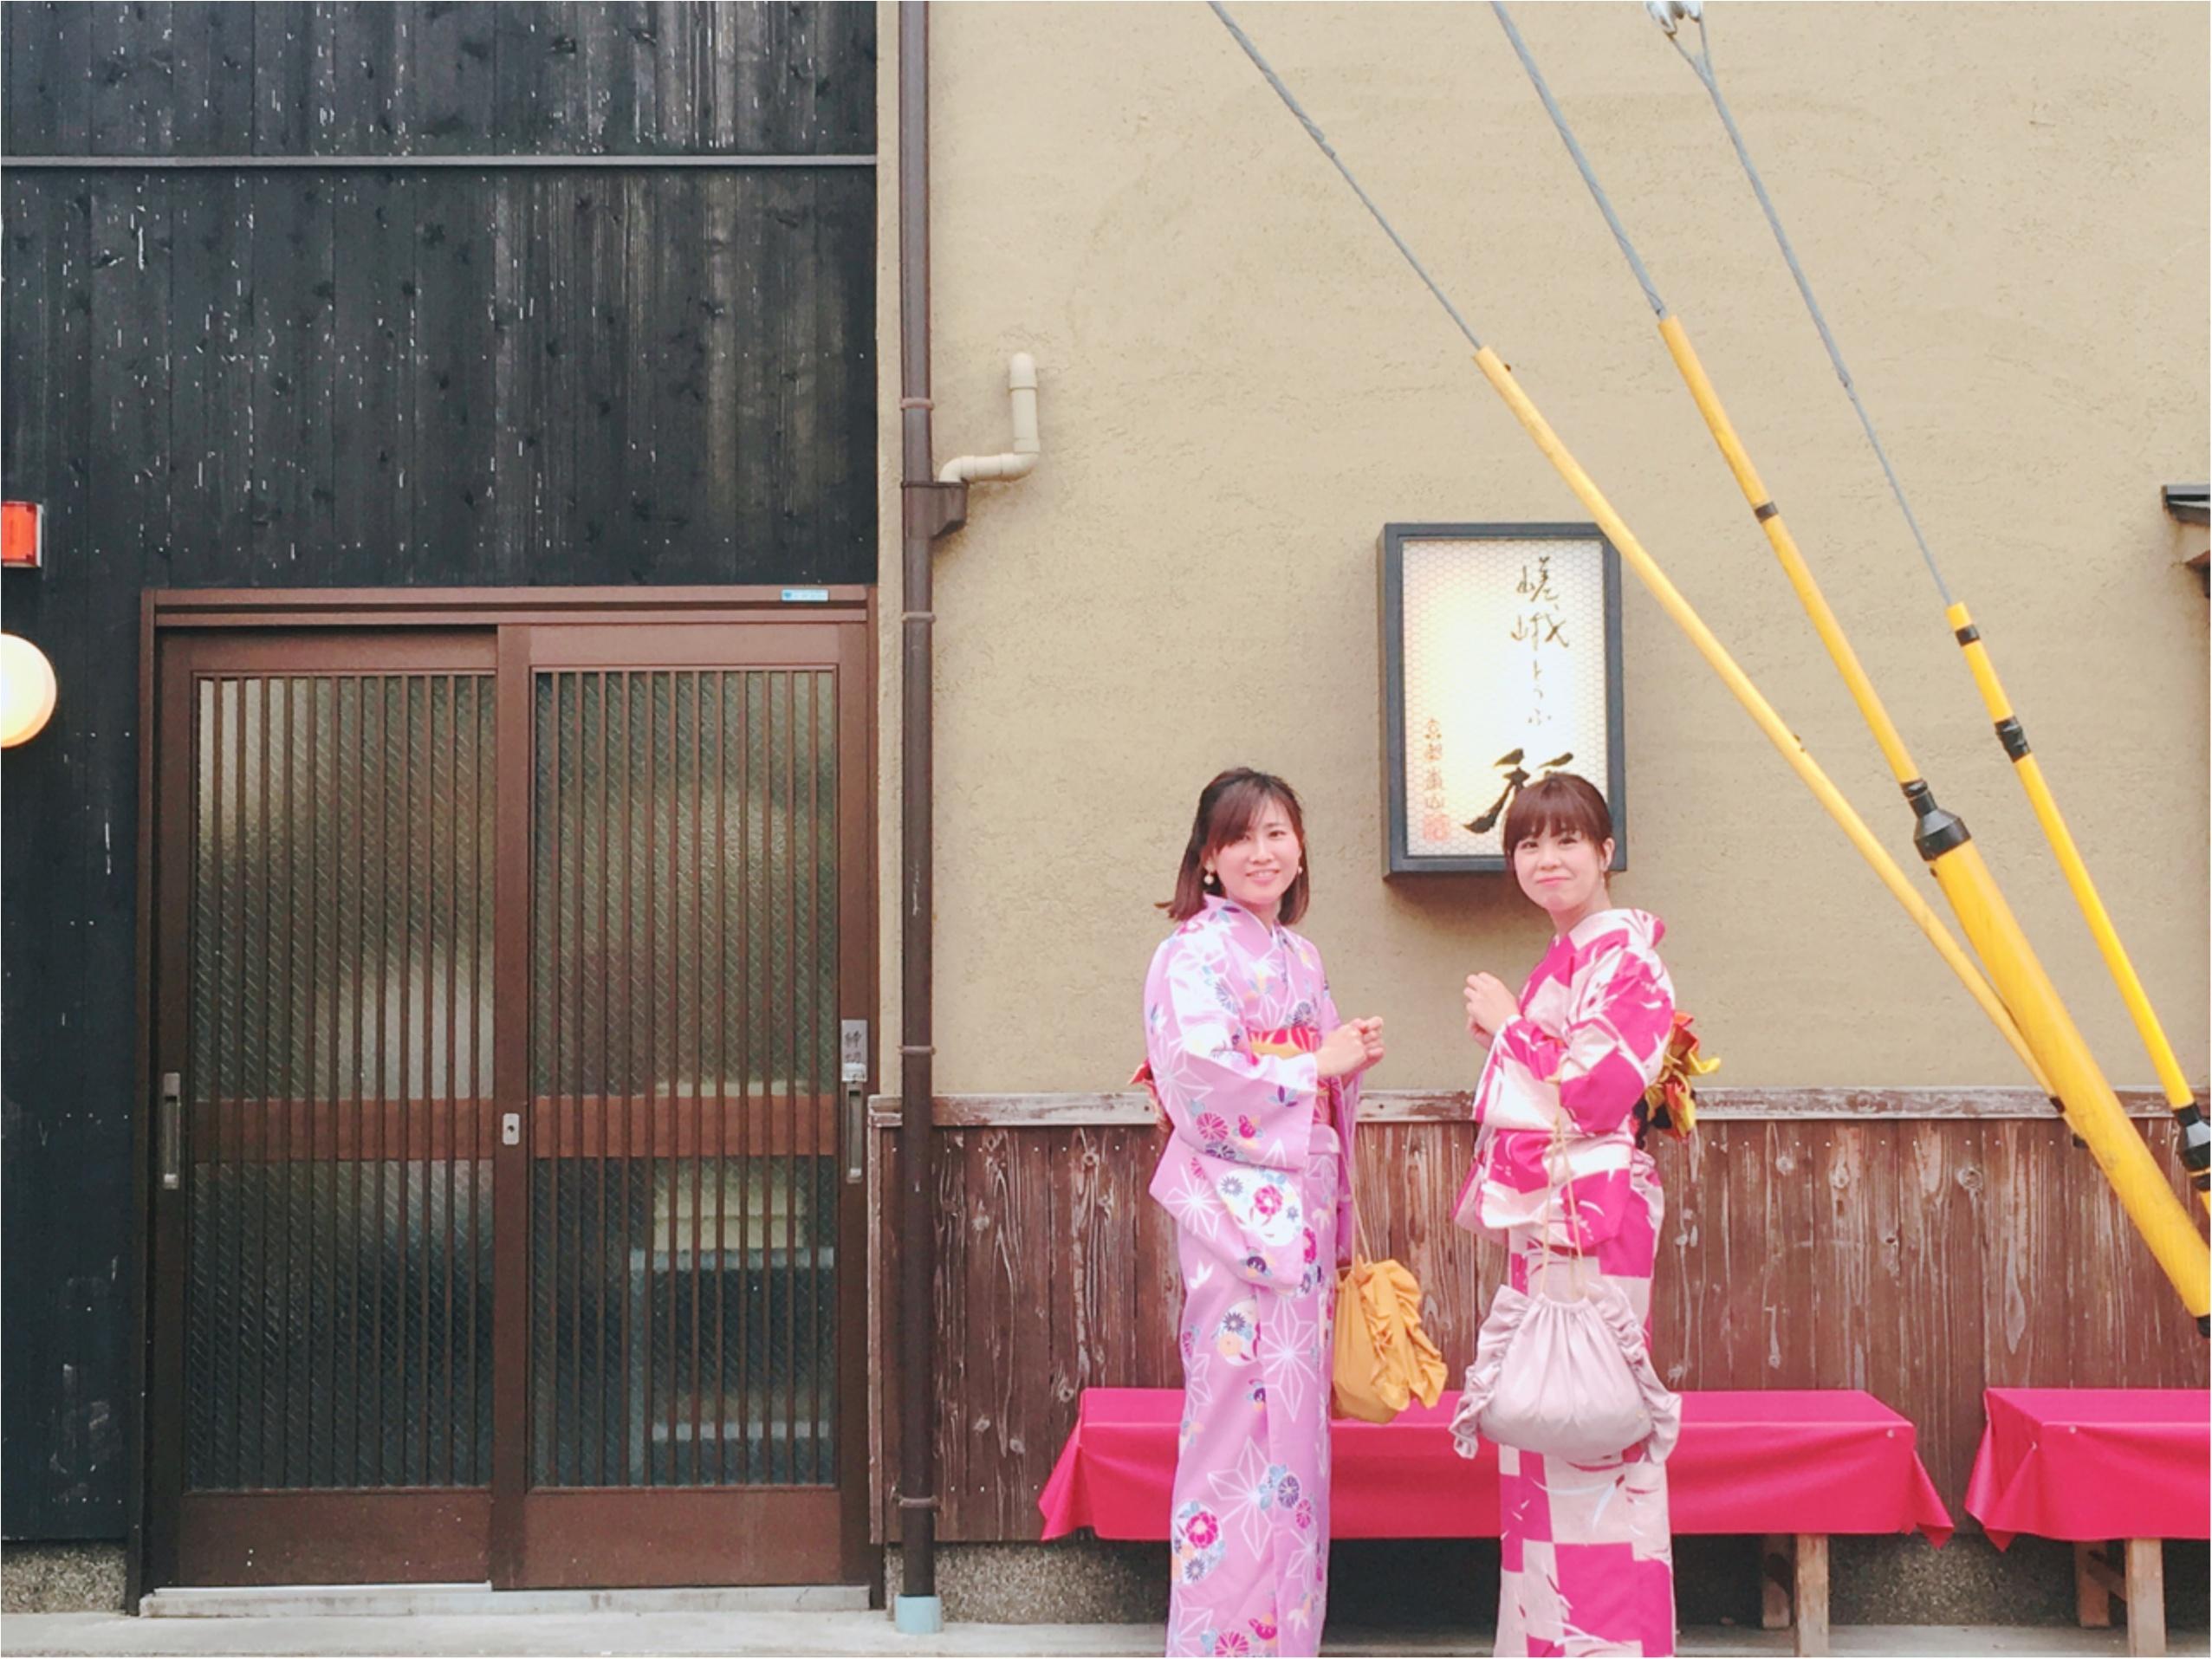 京都女子旅特集《2019年版》- 旅する女子がおすすめする、インスタ映えスポットやカフェ、レンタル着物は?_76